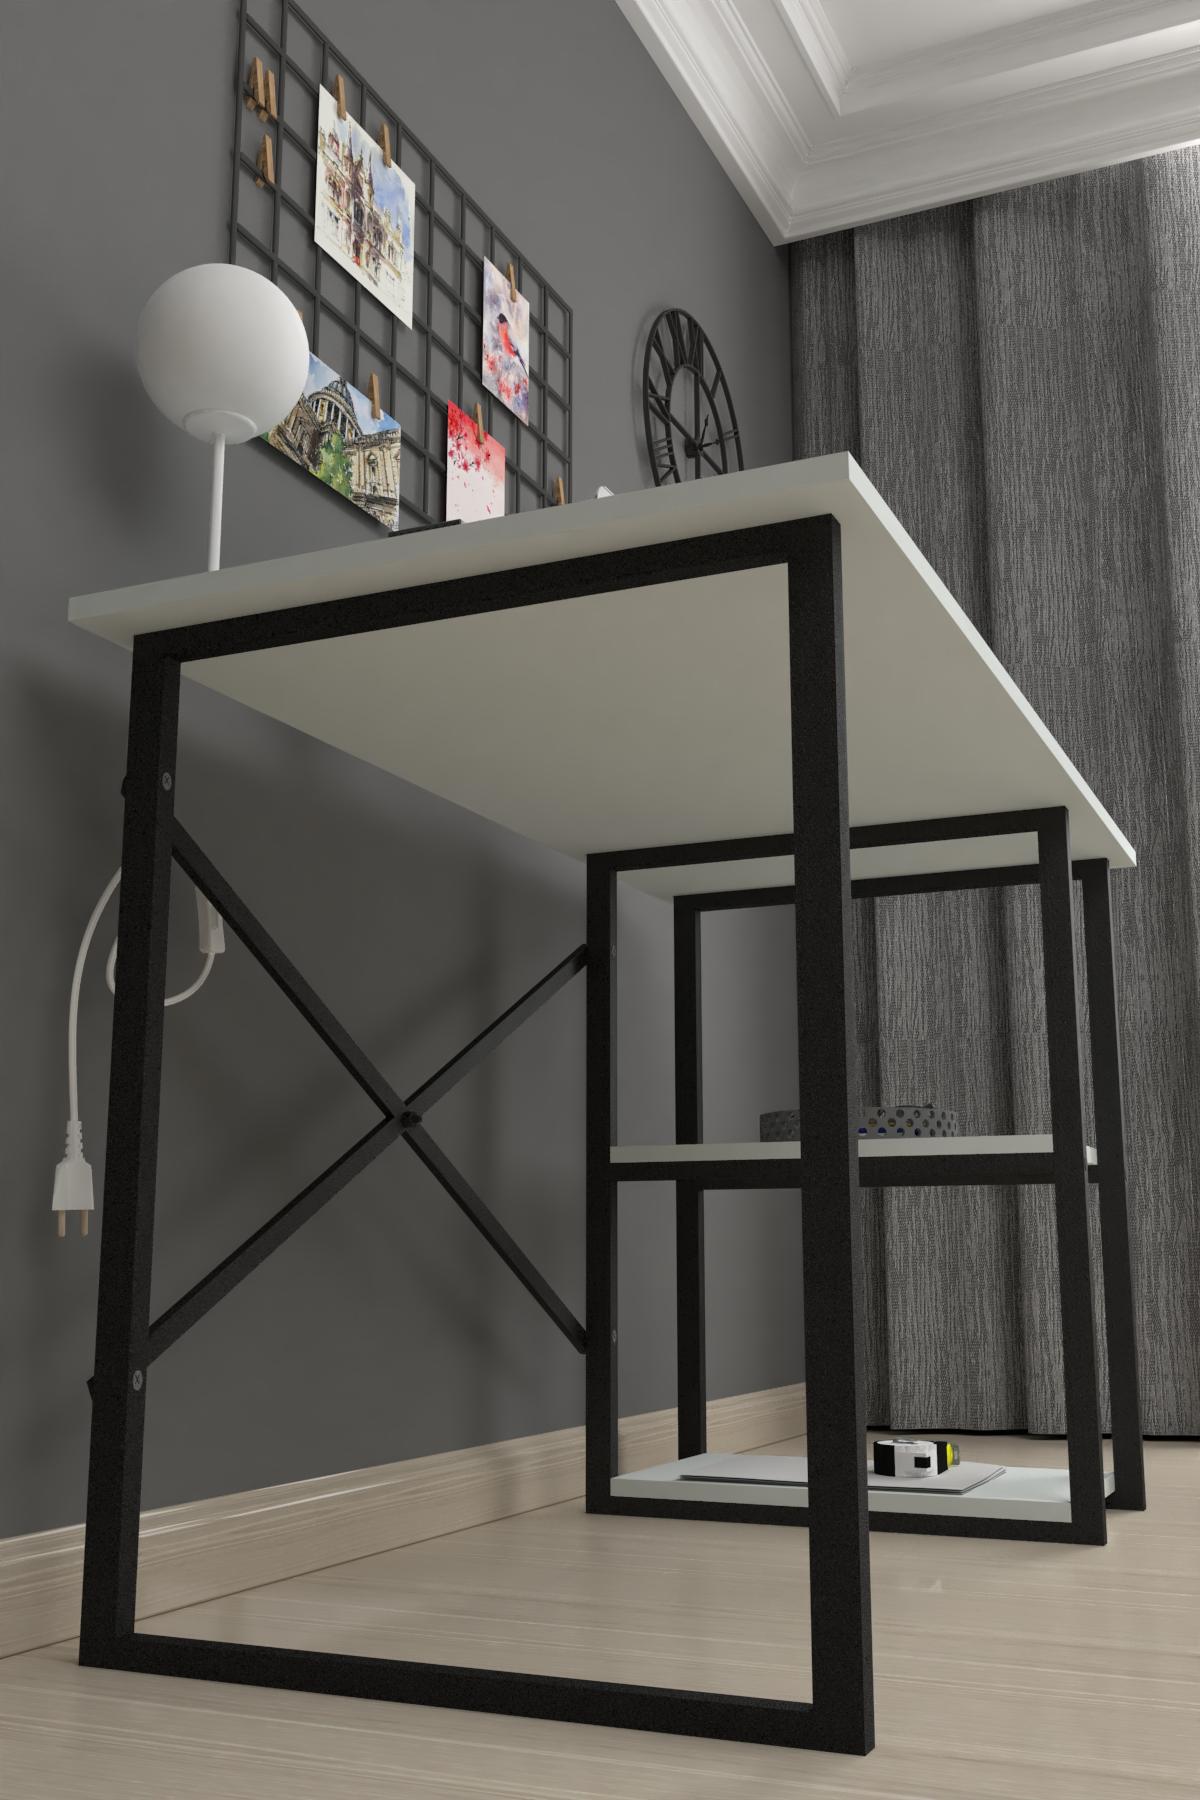 Bofigo 2 Raflı Çalışma Masası 60x120 cm Beyaz